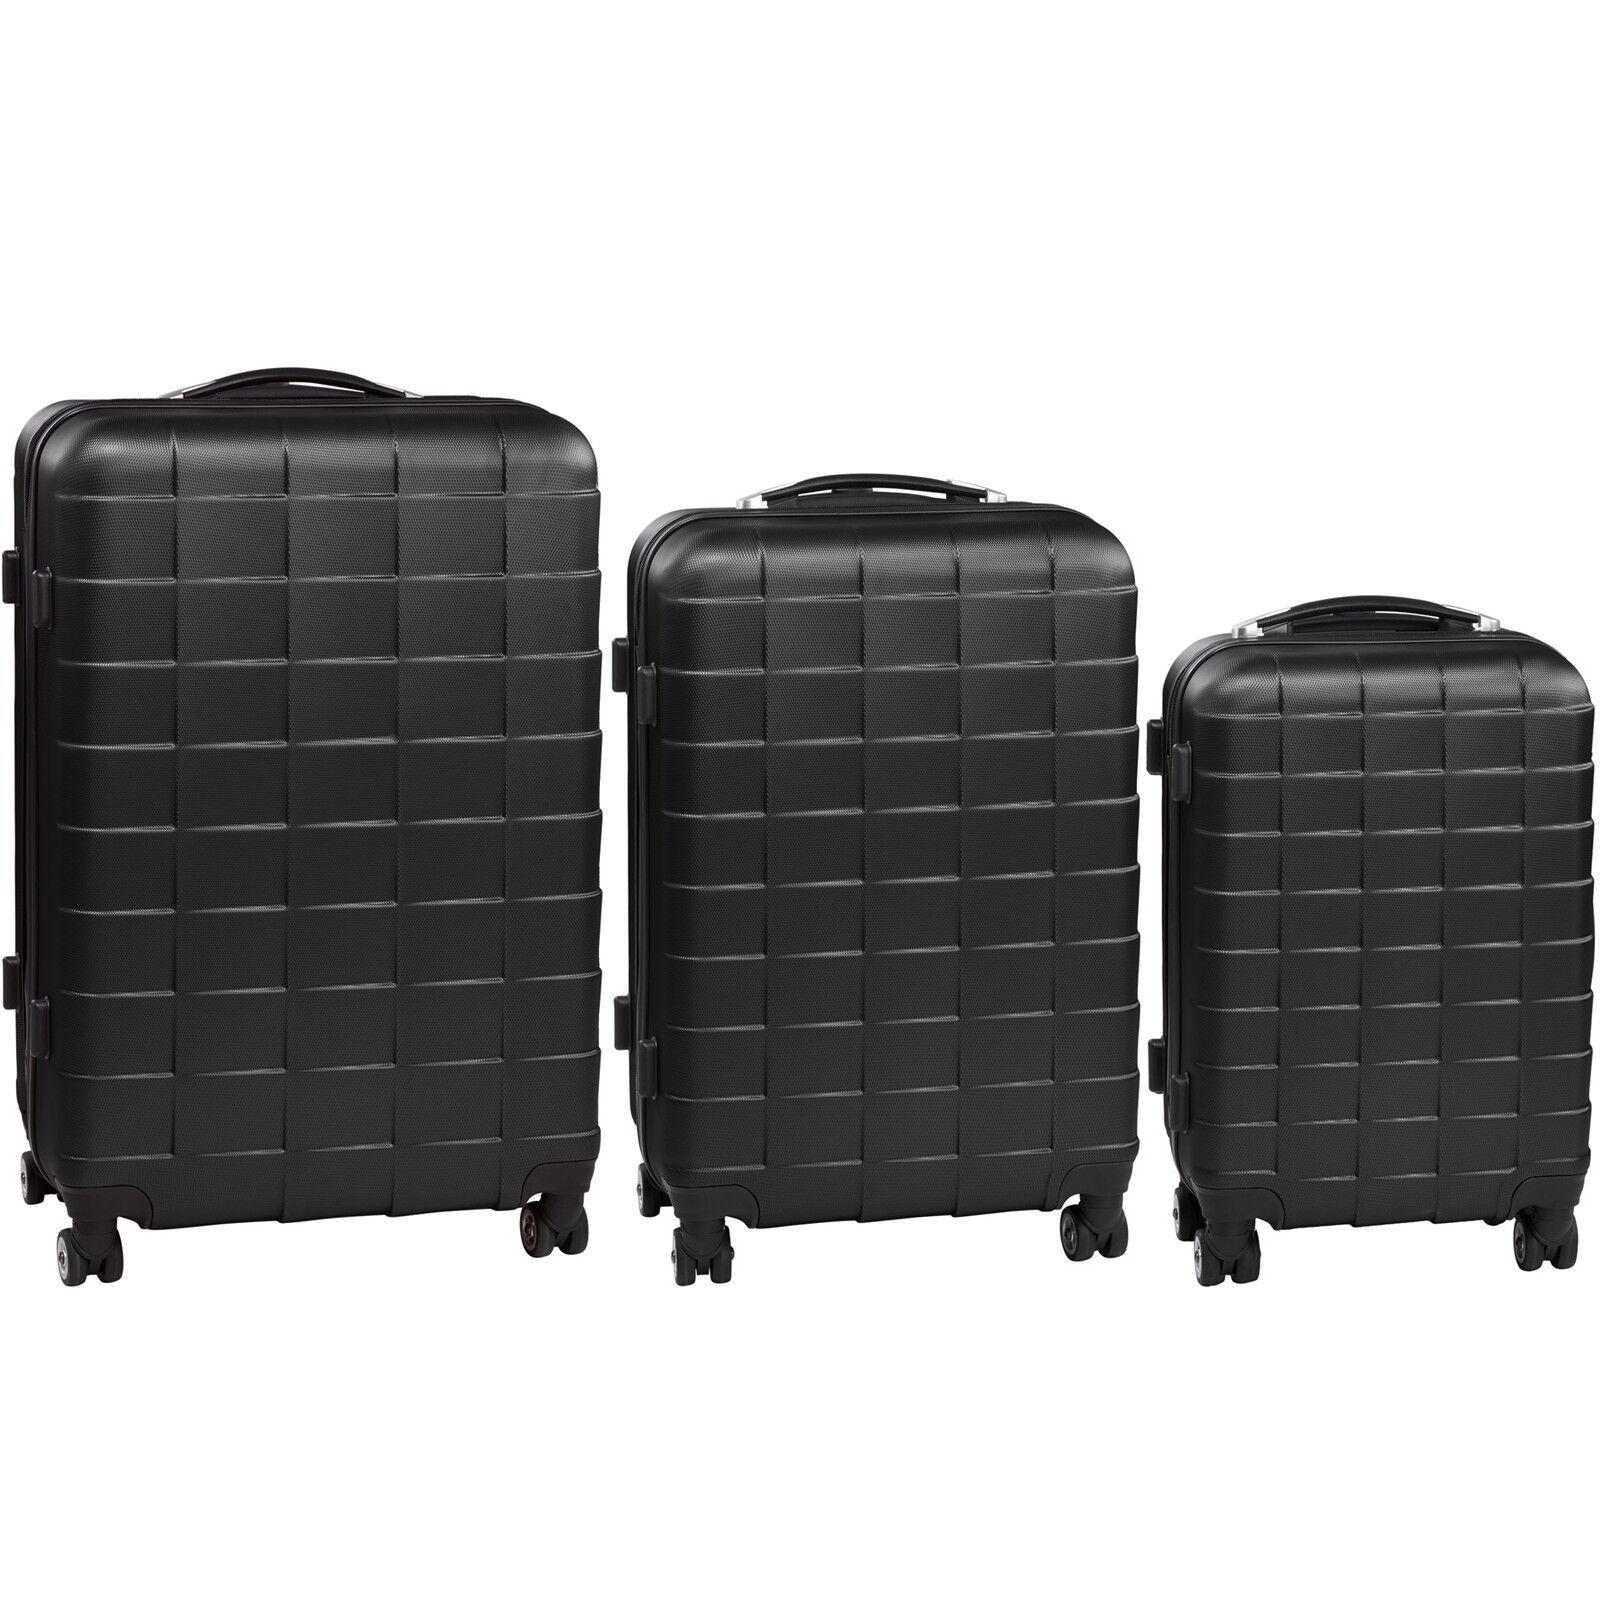 Set de 3 valises de voyage coque ABS léger rigide bagages valise trolley noir 6